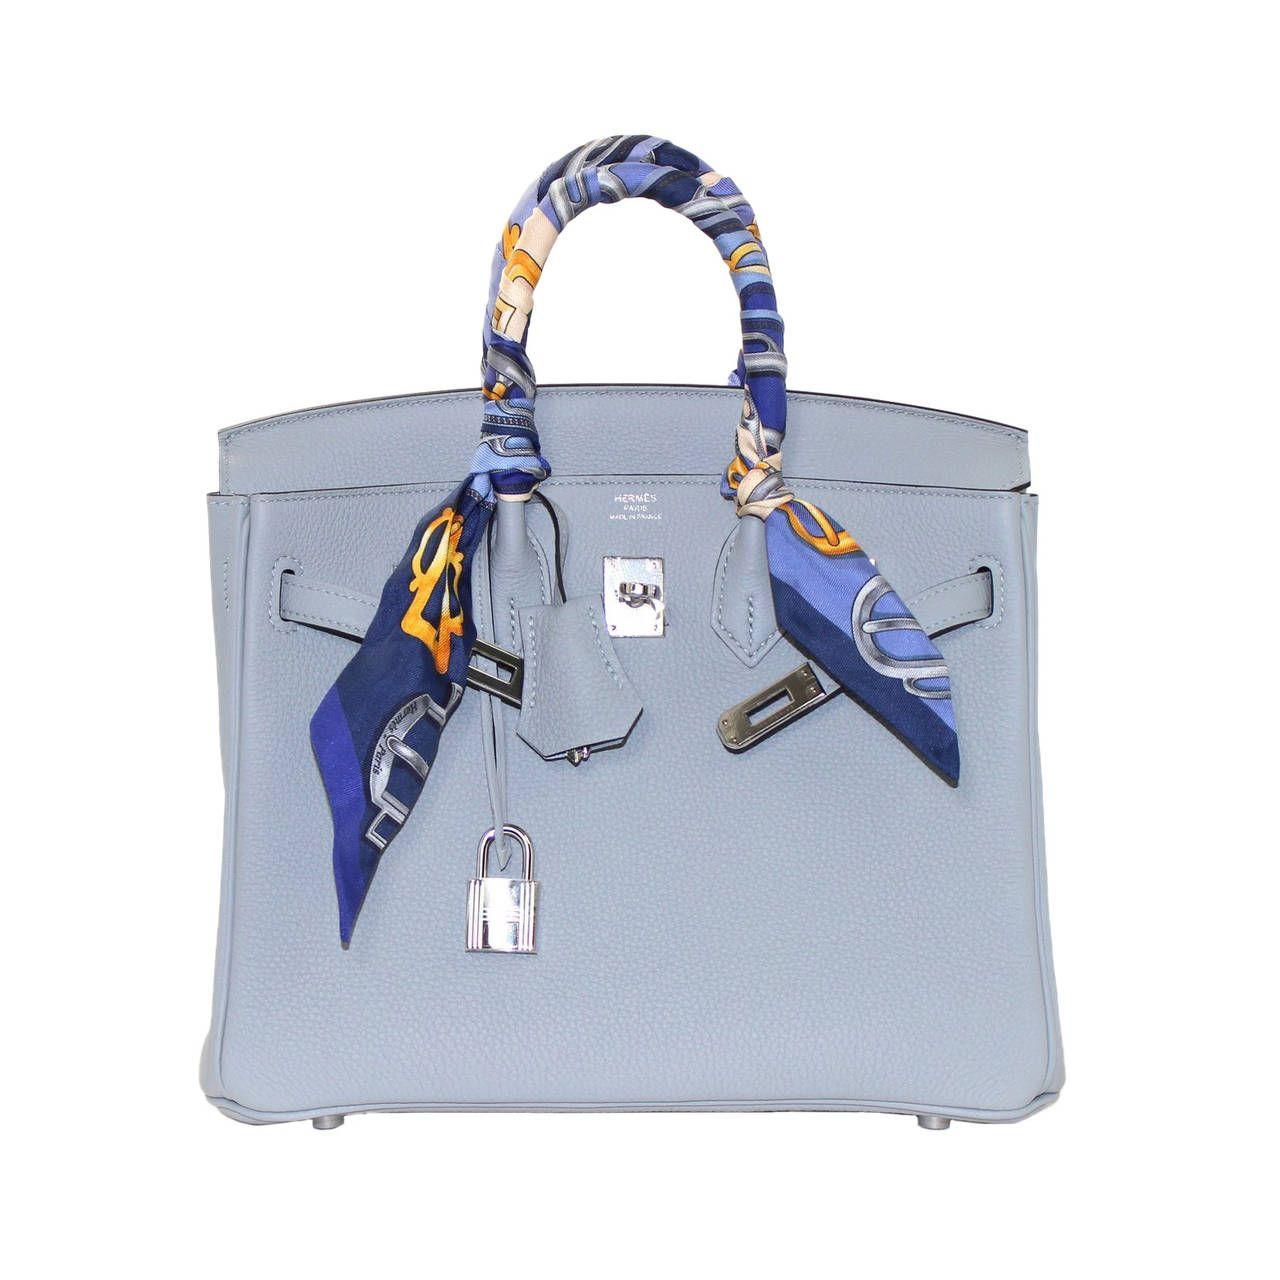 5b645f063d Hermes Glacier Blue Togo 25 cm Birkin Bag- New Color Hermes Bags